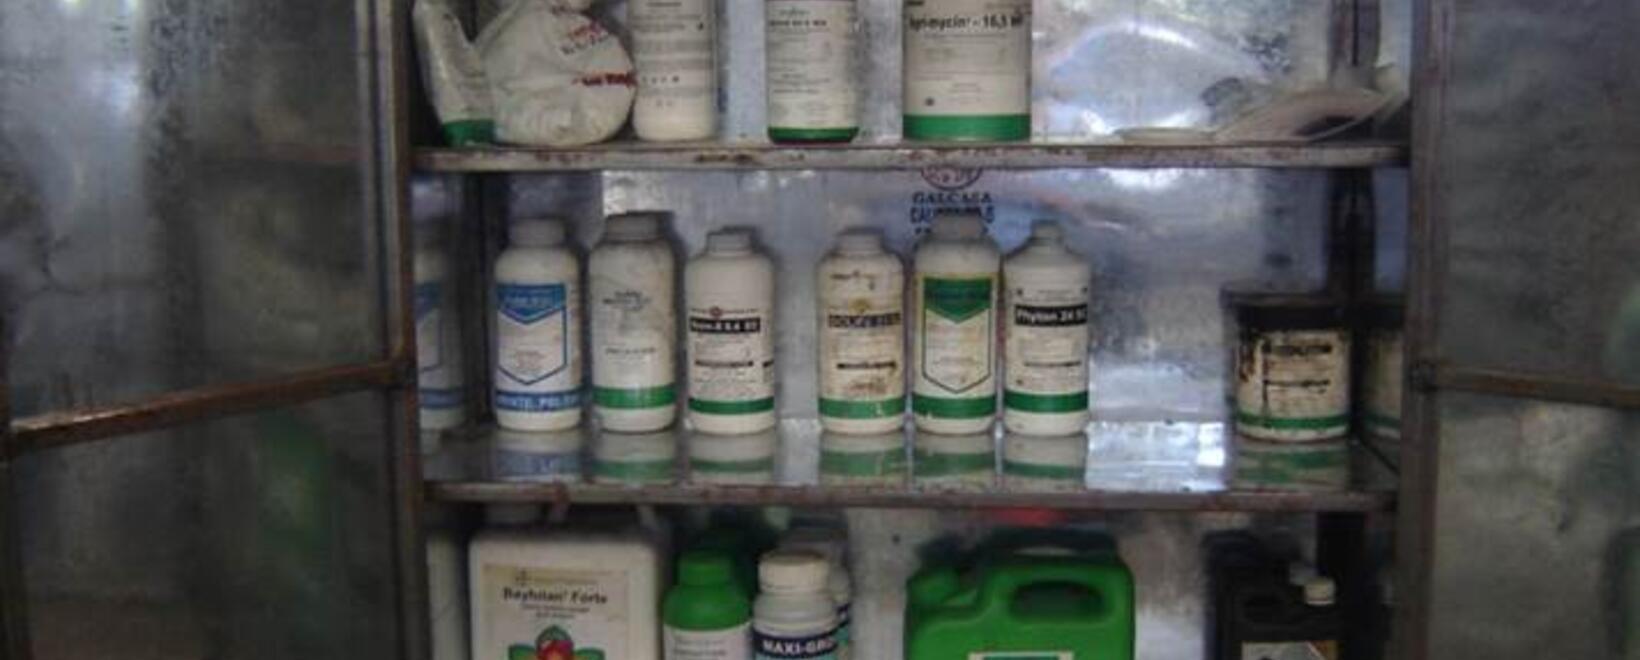 Manejo seguro de agroquímicos